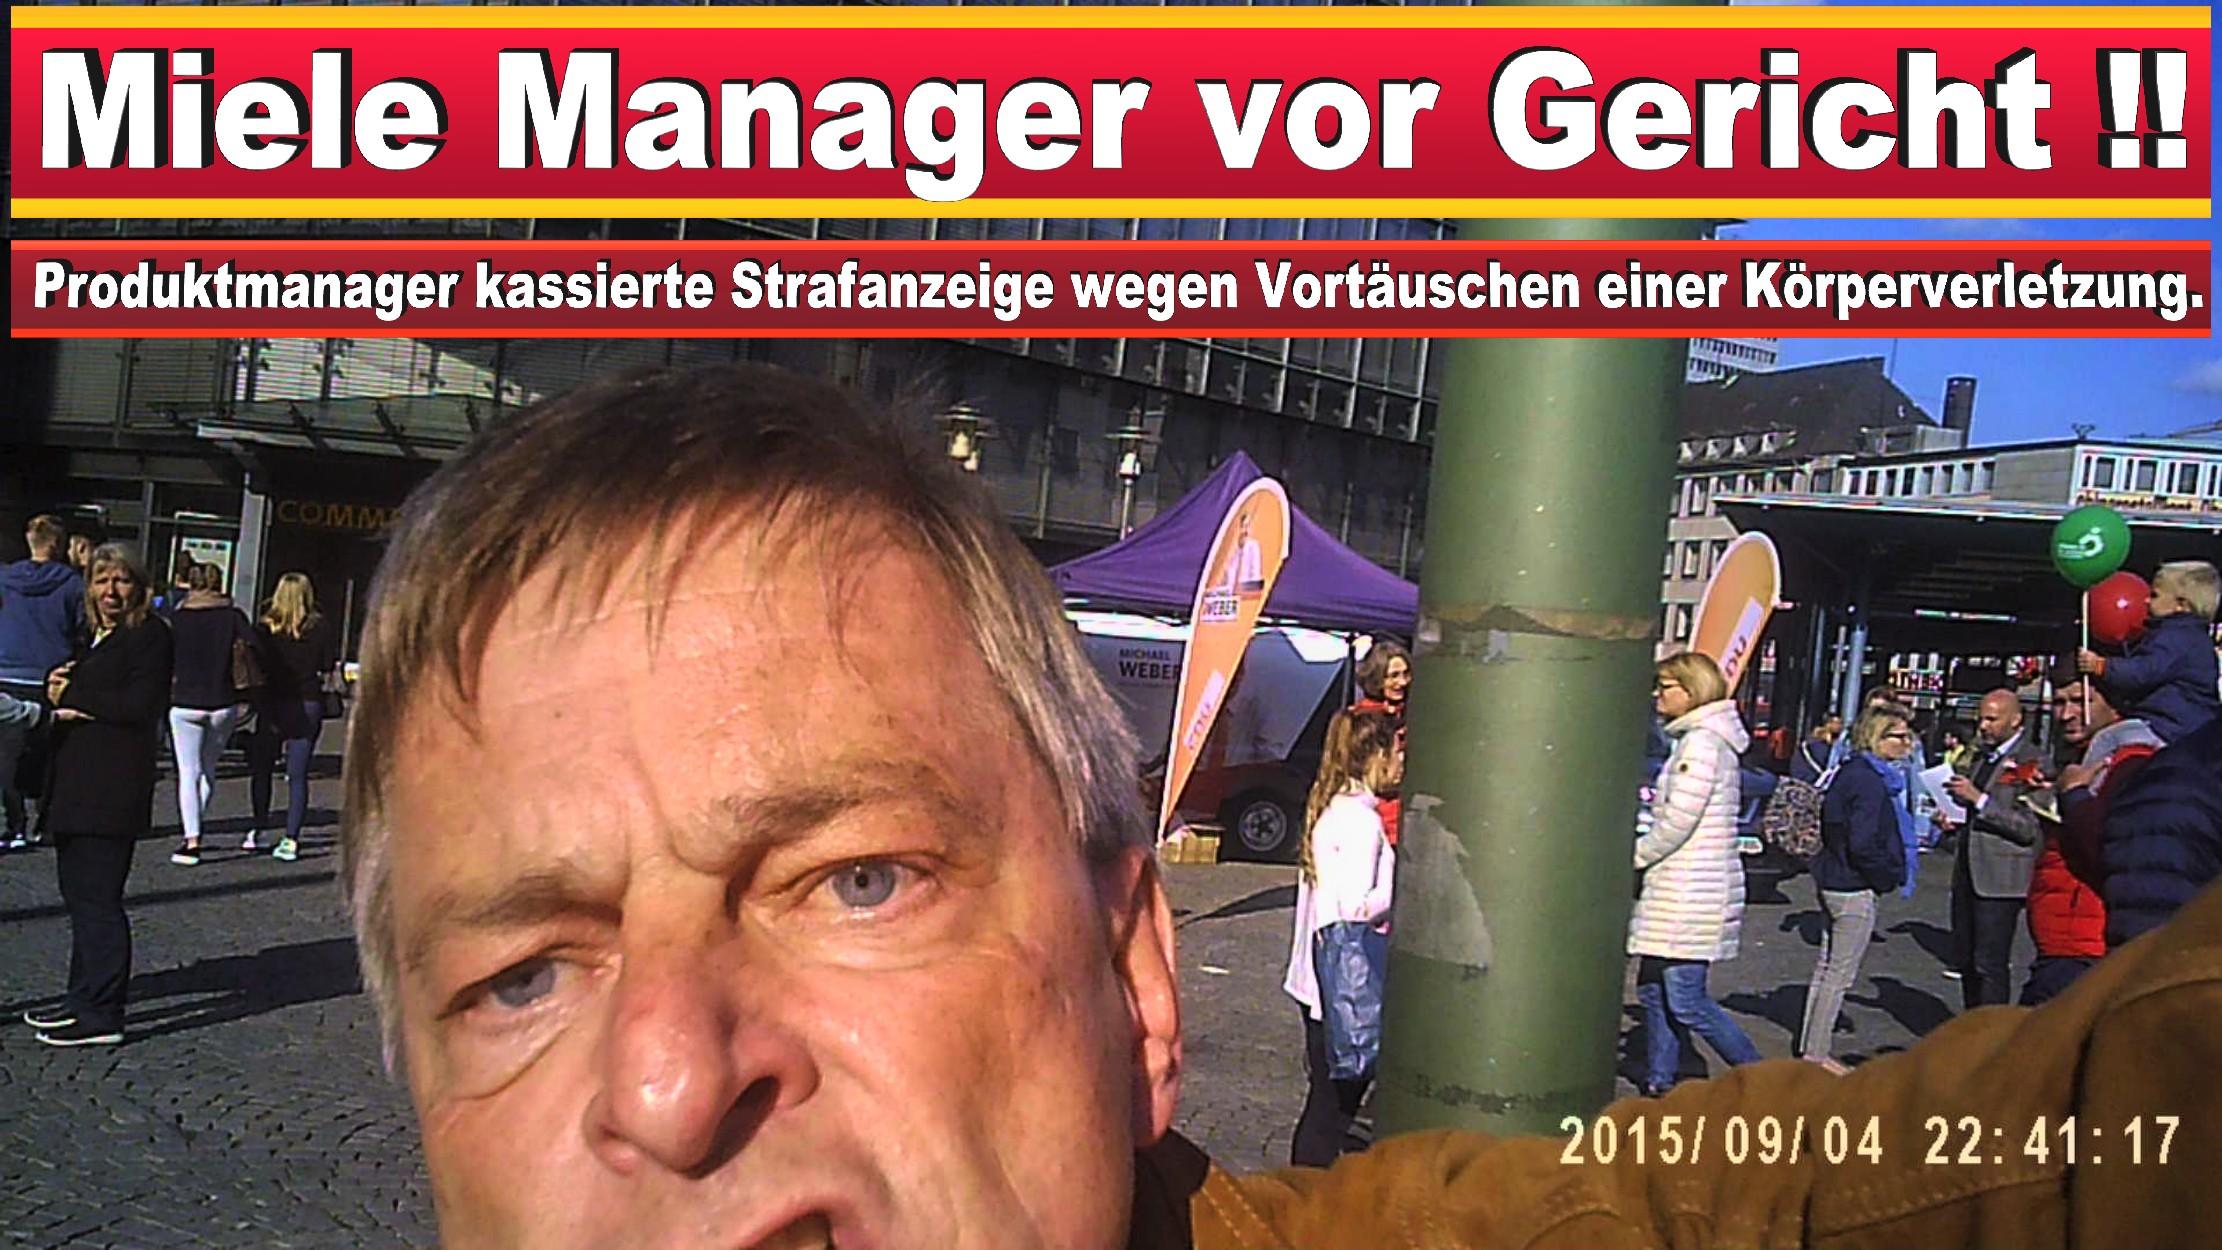 MICHAEL WEBER CDU BIELEFELD GEWALTAUSBRUCH UND STRAFANZEIGE (3)